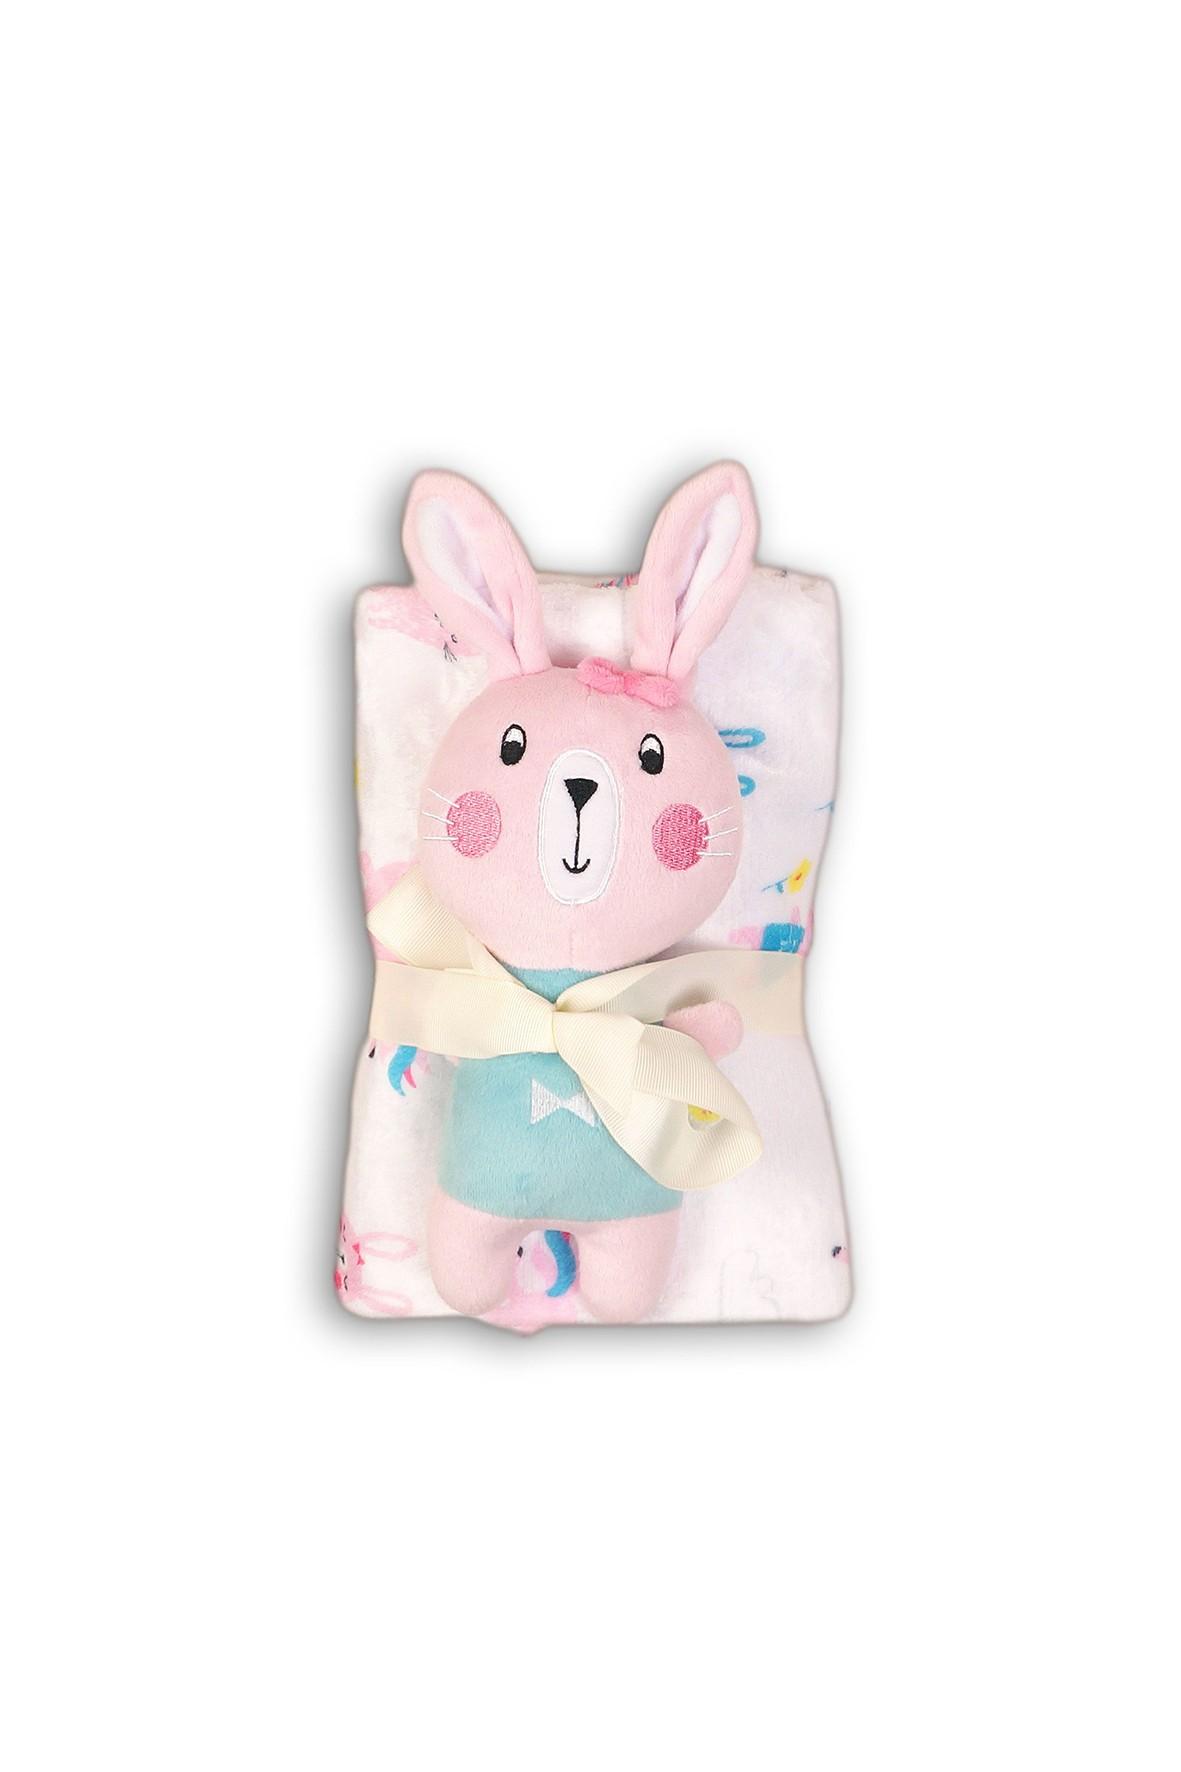 Kocyk niemowlęcy różowy z króliczkiem